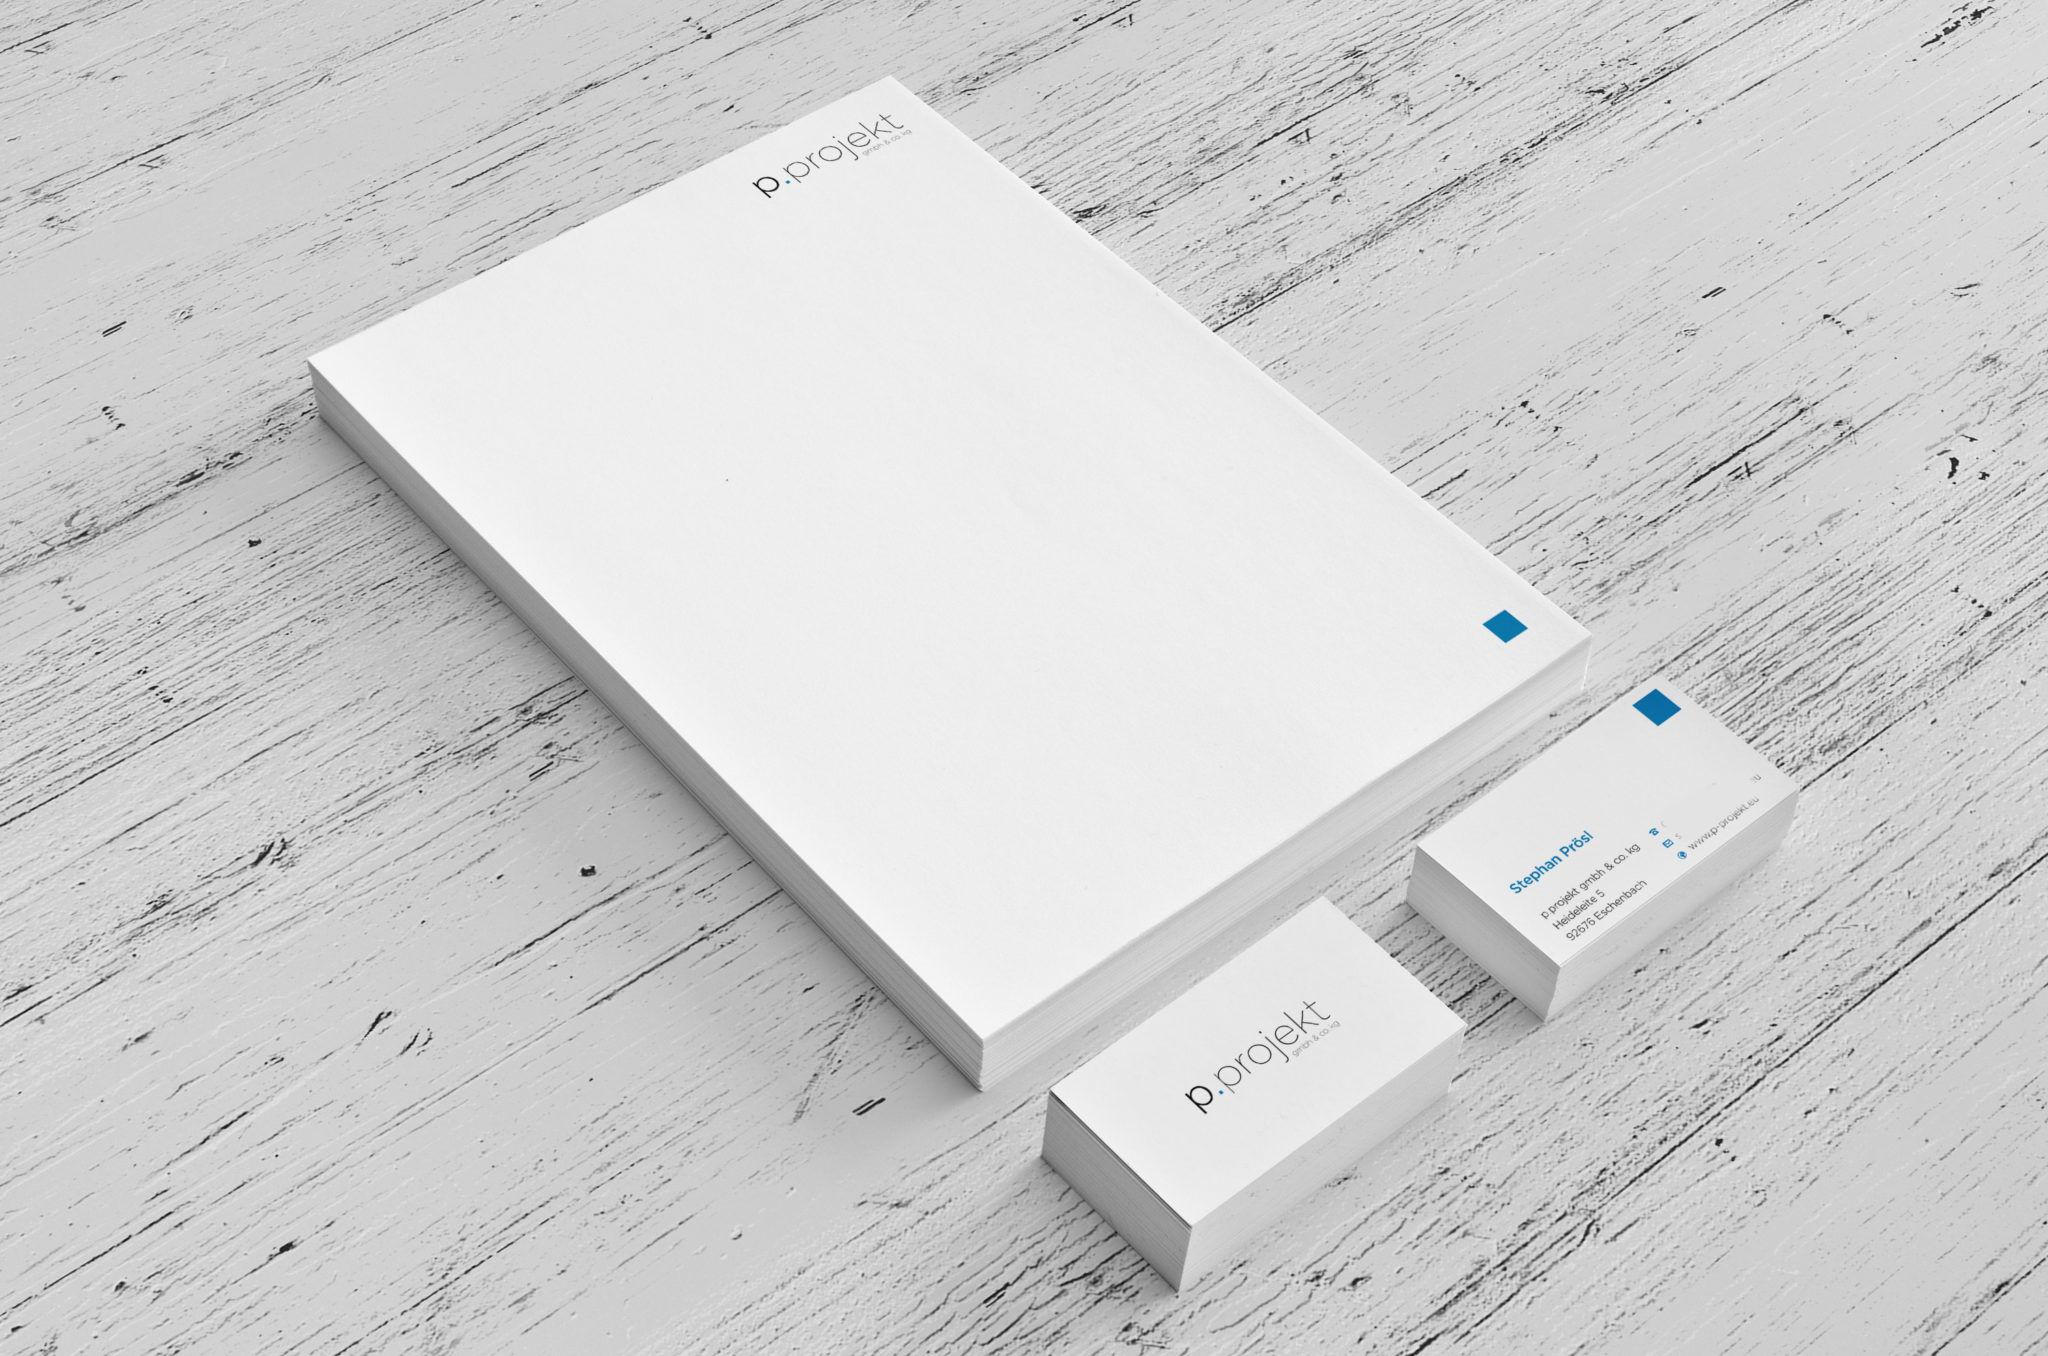 p. projekt corporate design